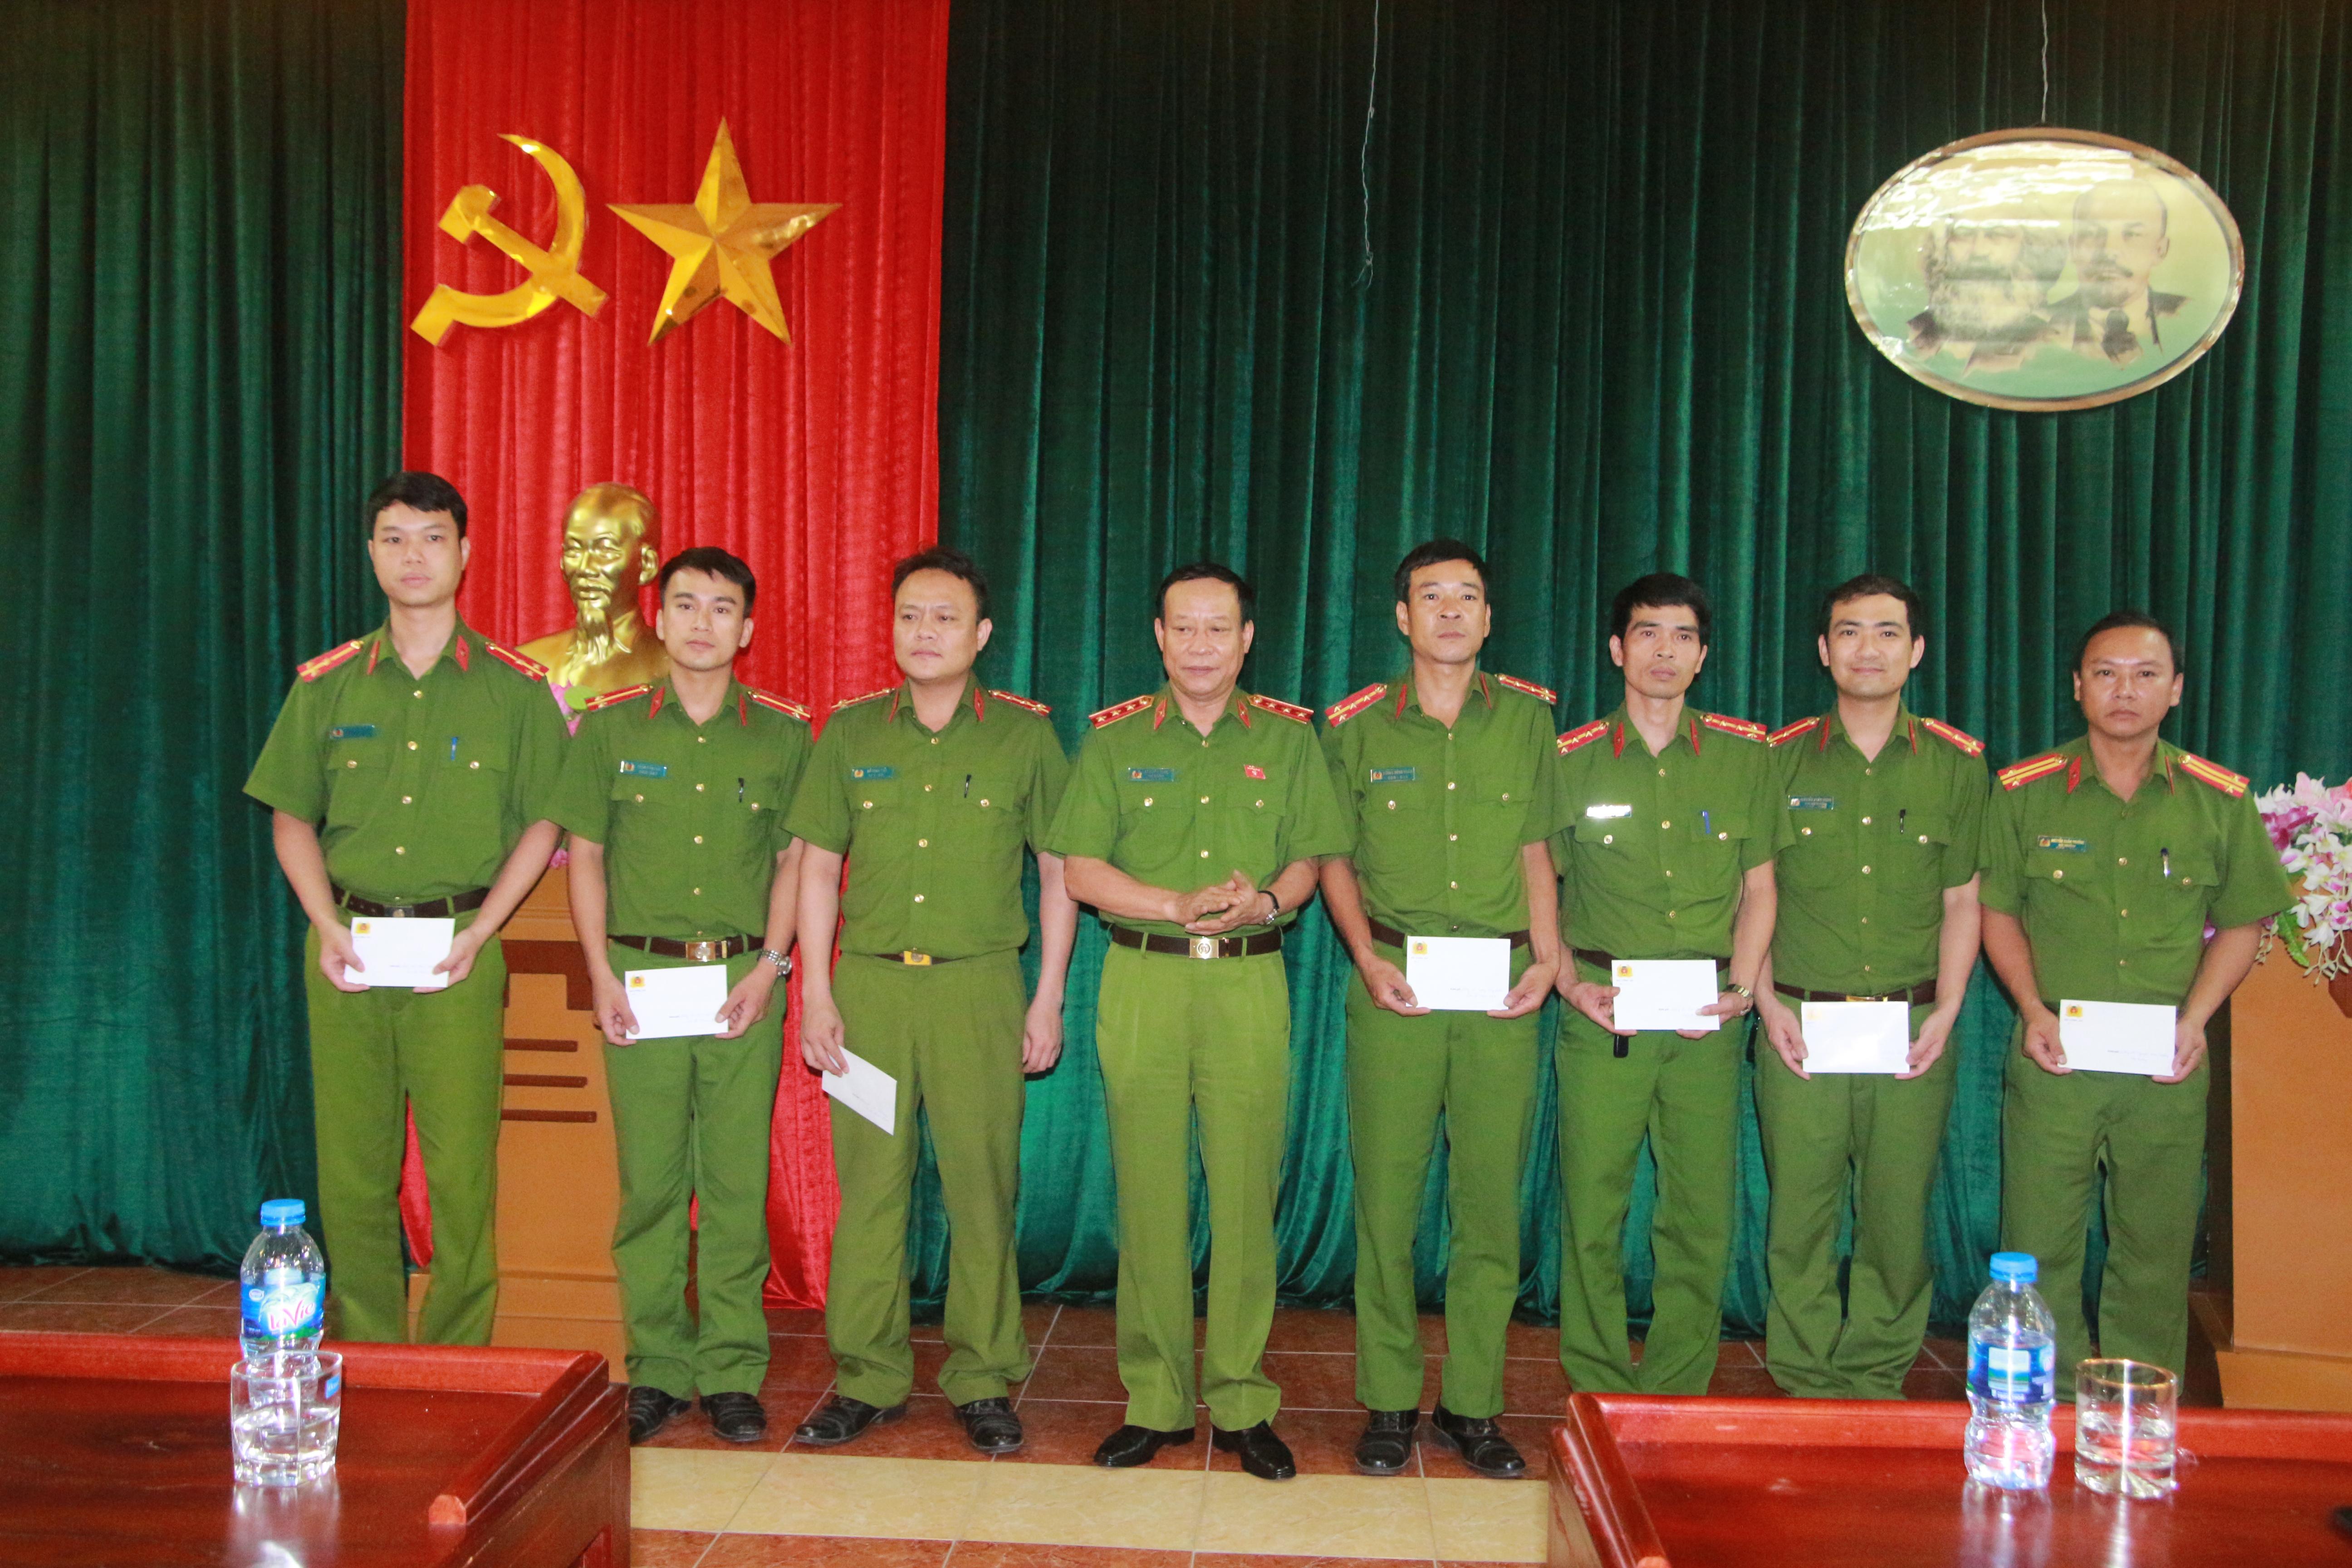 Thứ trưởng Lê Quý Vương động viên 8 cán bộ chiến sĩ bị thương khi làm nhiệm vụ